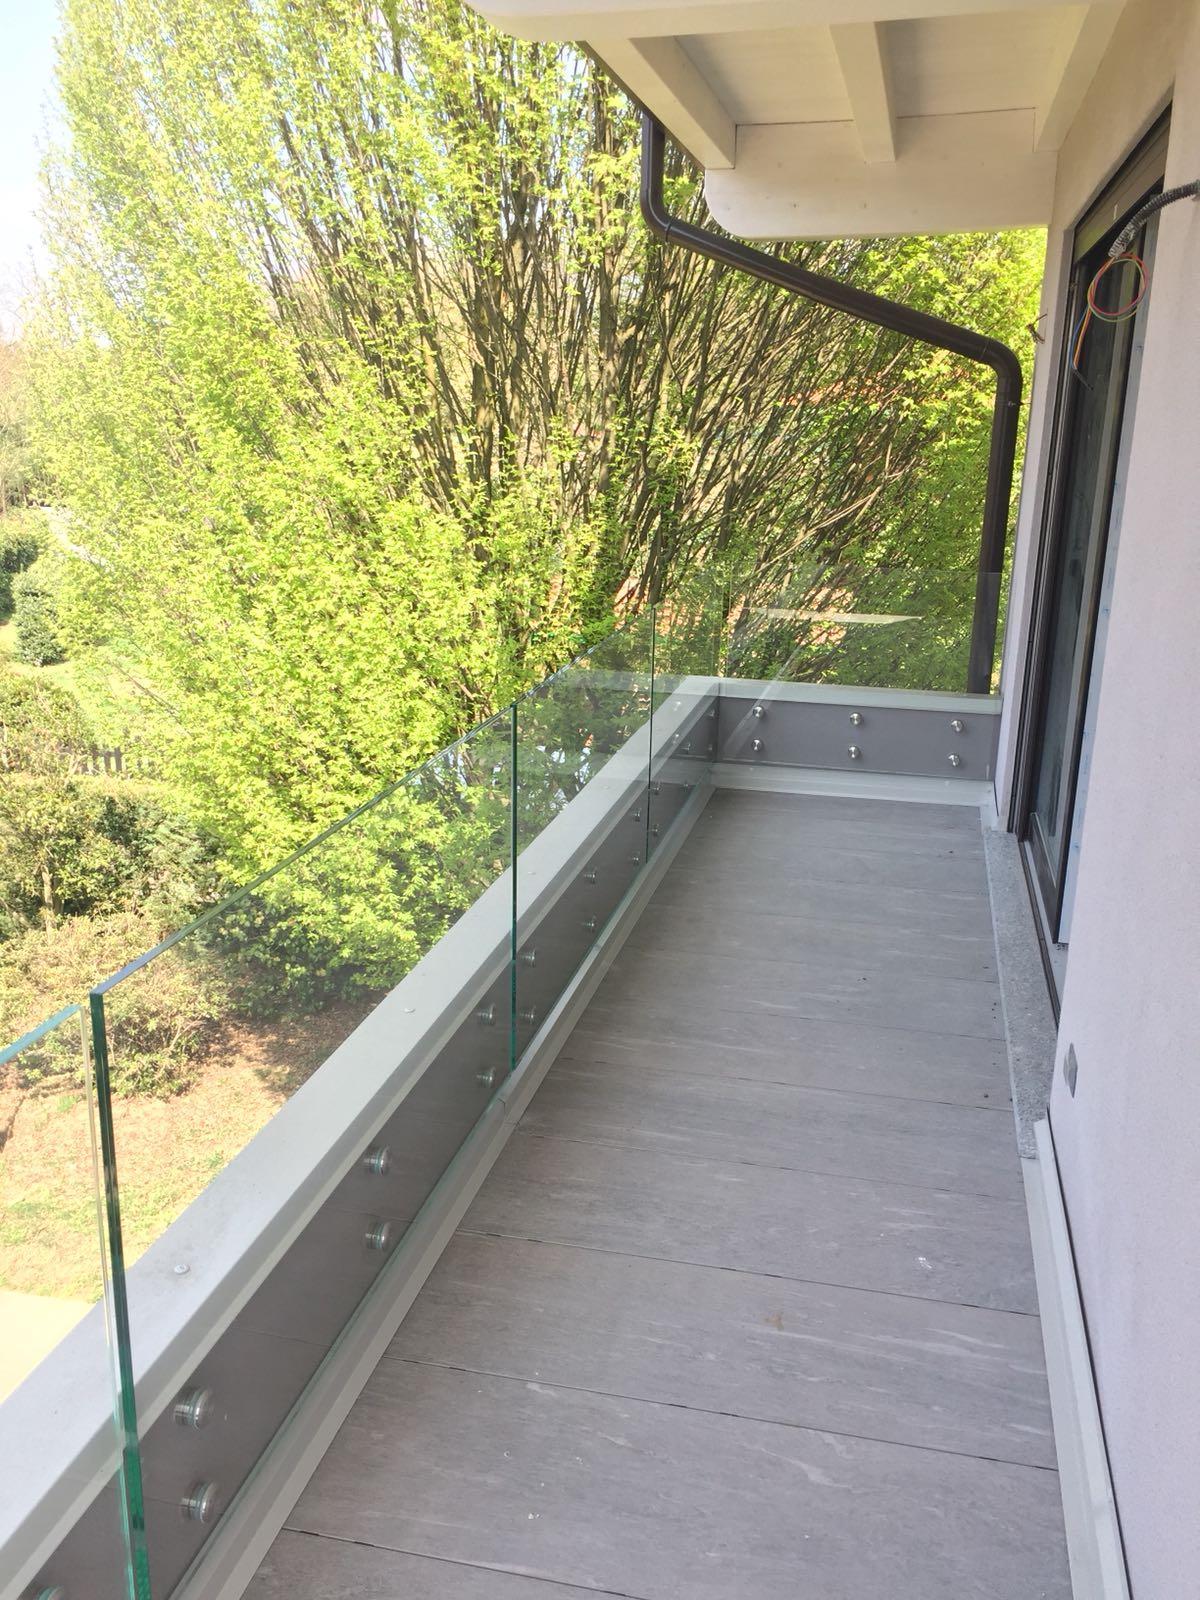 balaustra vetro balcone 2